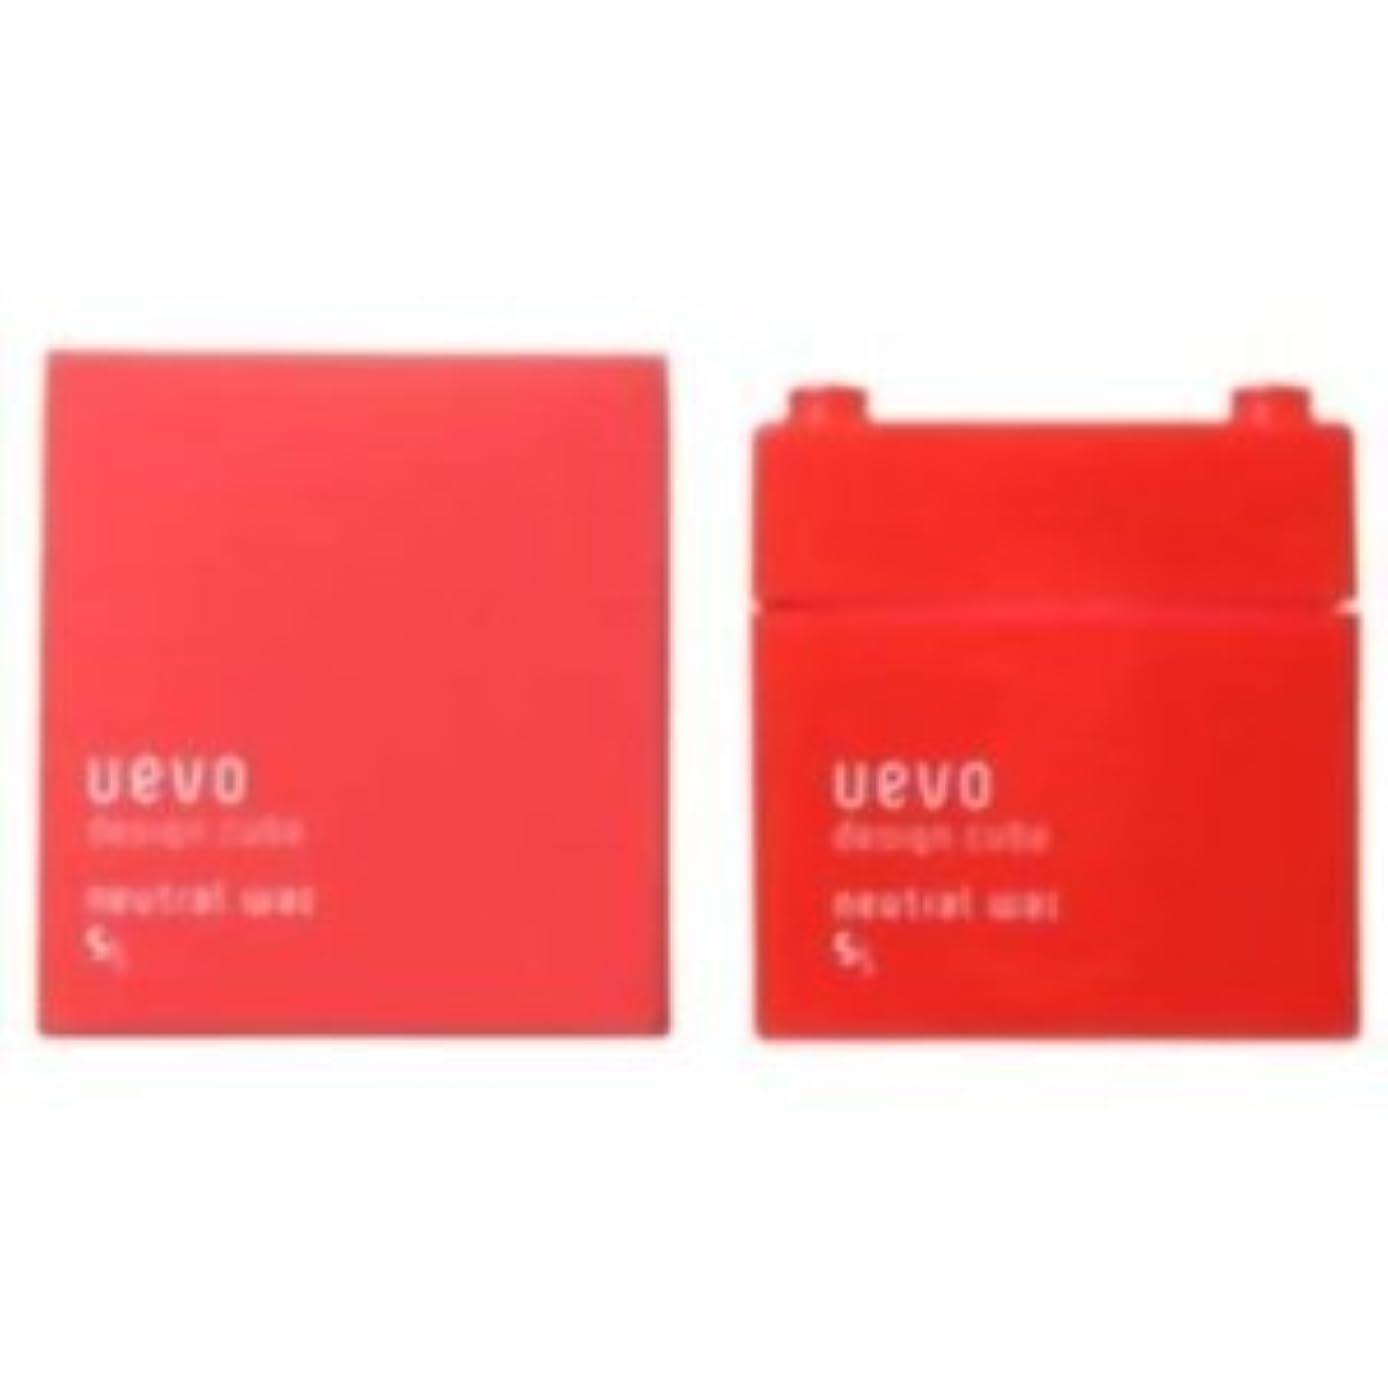 牽引スペア成熟した【X2個セット】 デミ ウェーボ デザインキューブ ニュートラルワックス 80g neutral wax DEMI uevo design cube